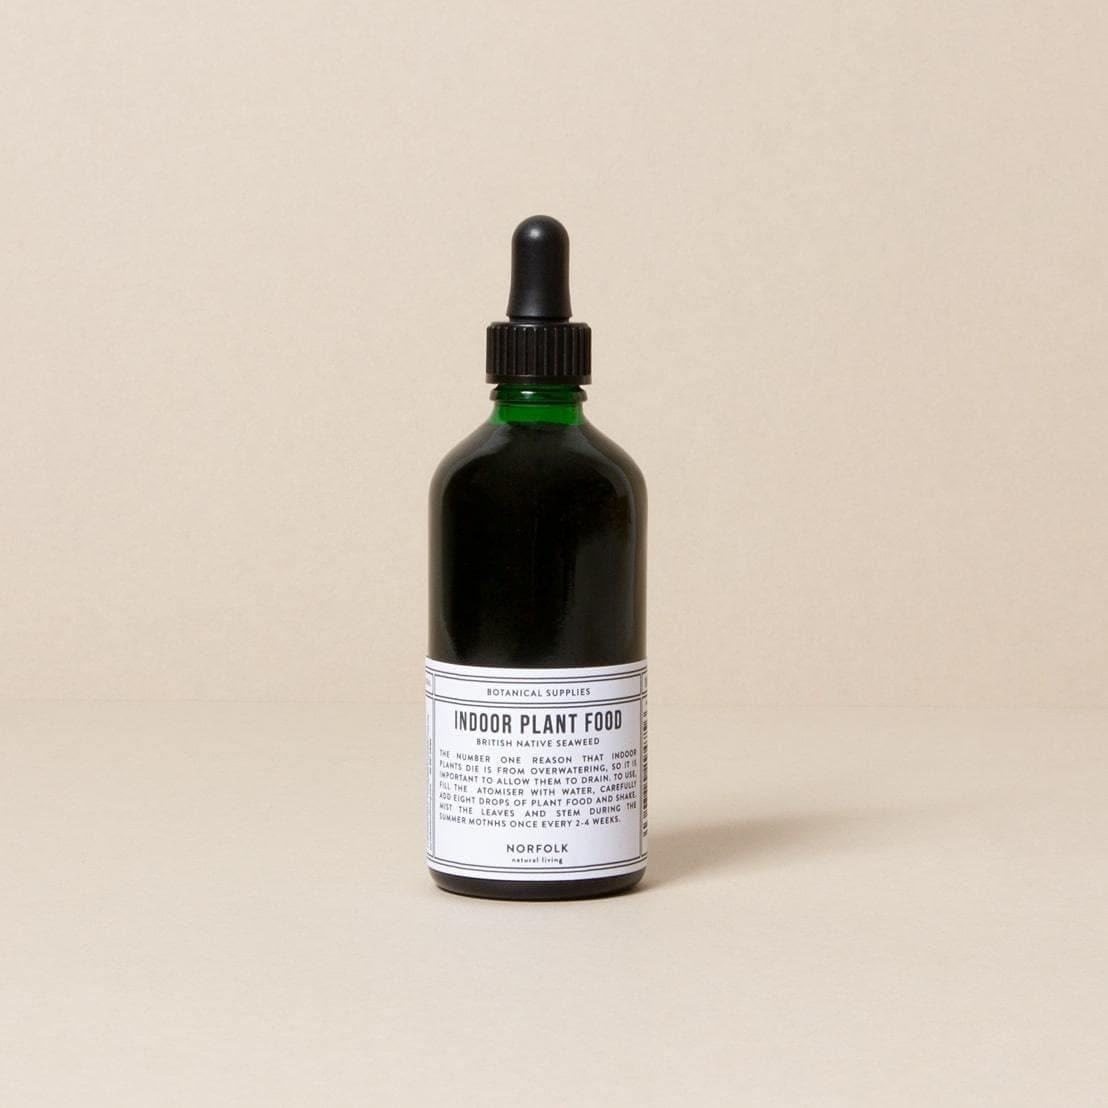 Norfolk Natural Living indoor plant food (refill bottle)